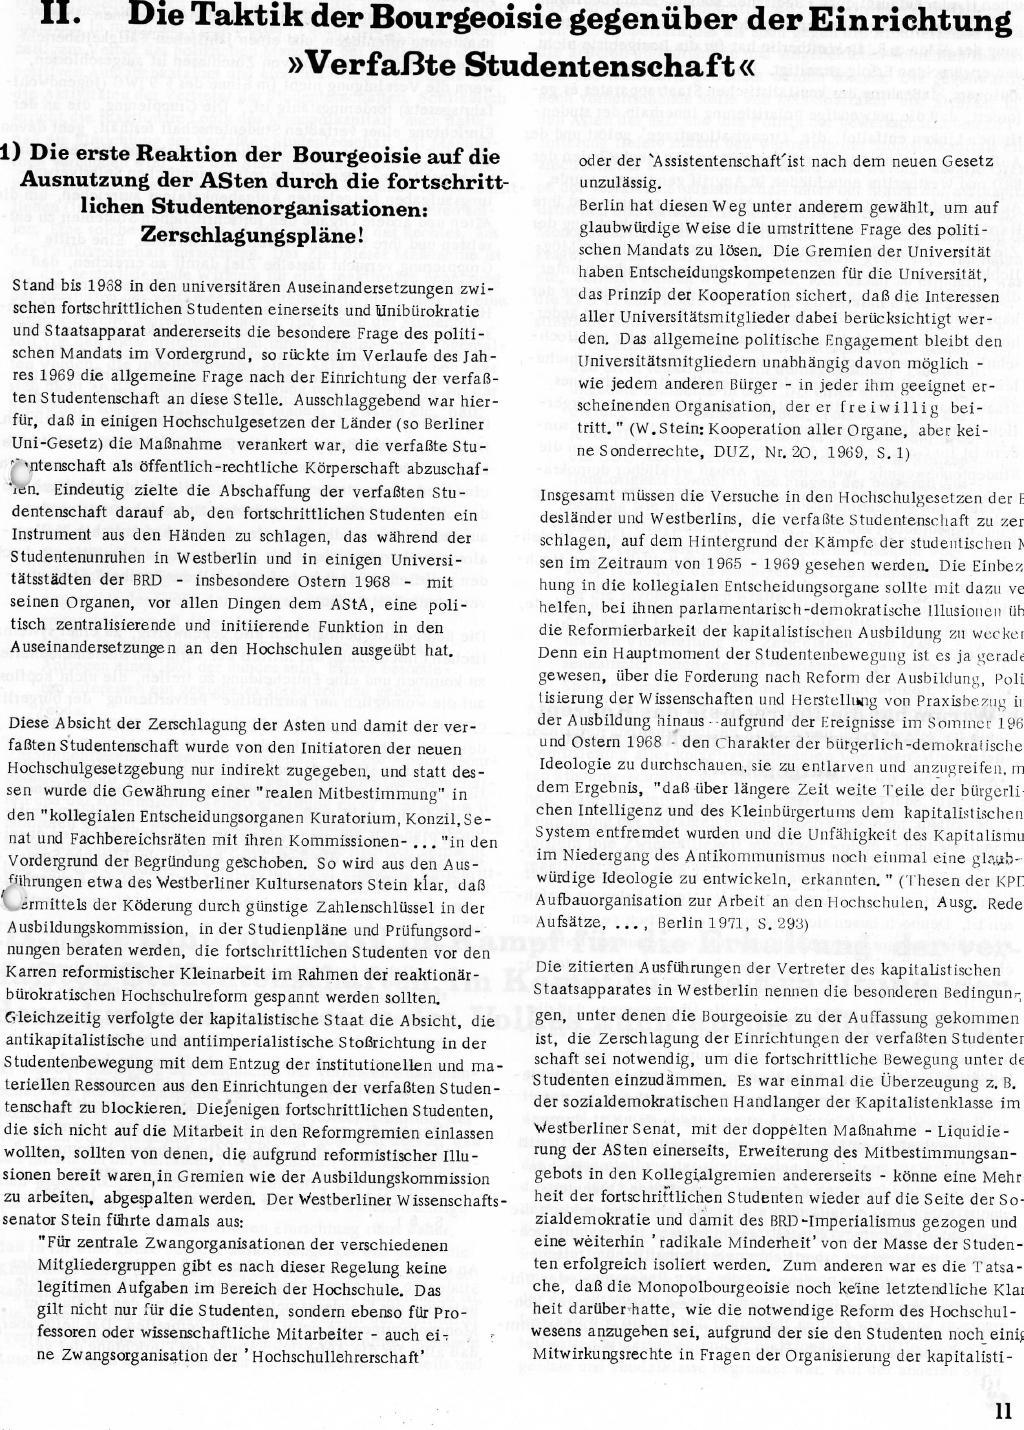 RPK_1972_170_11